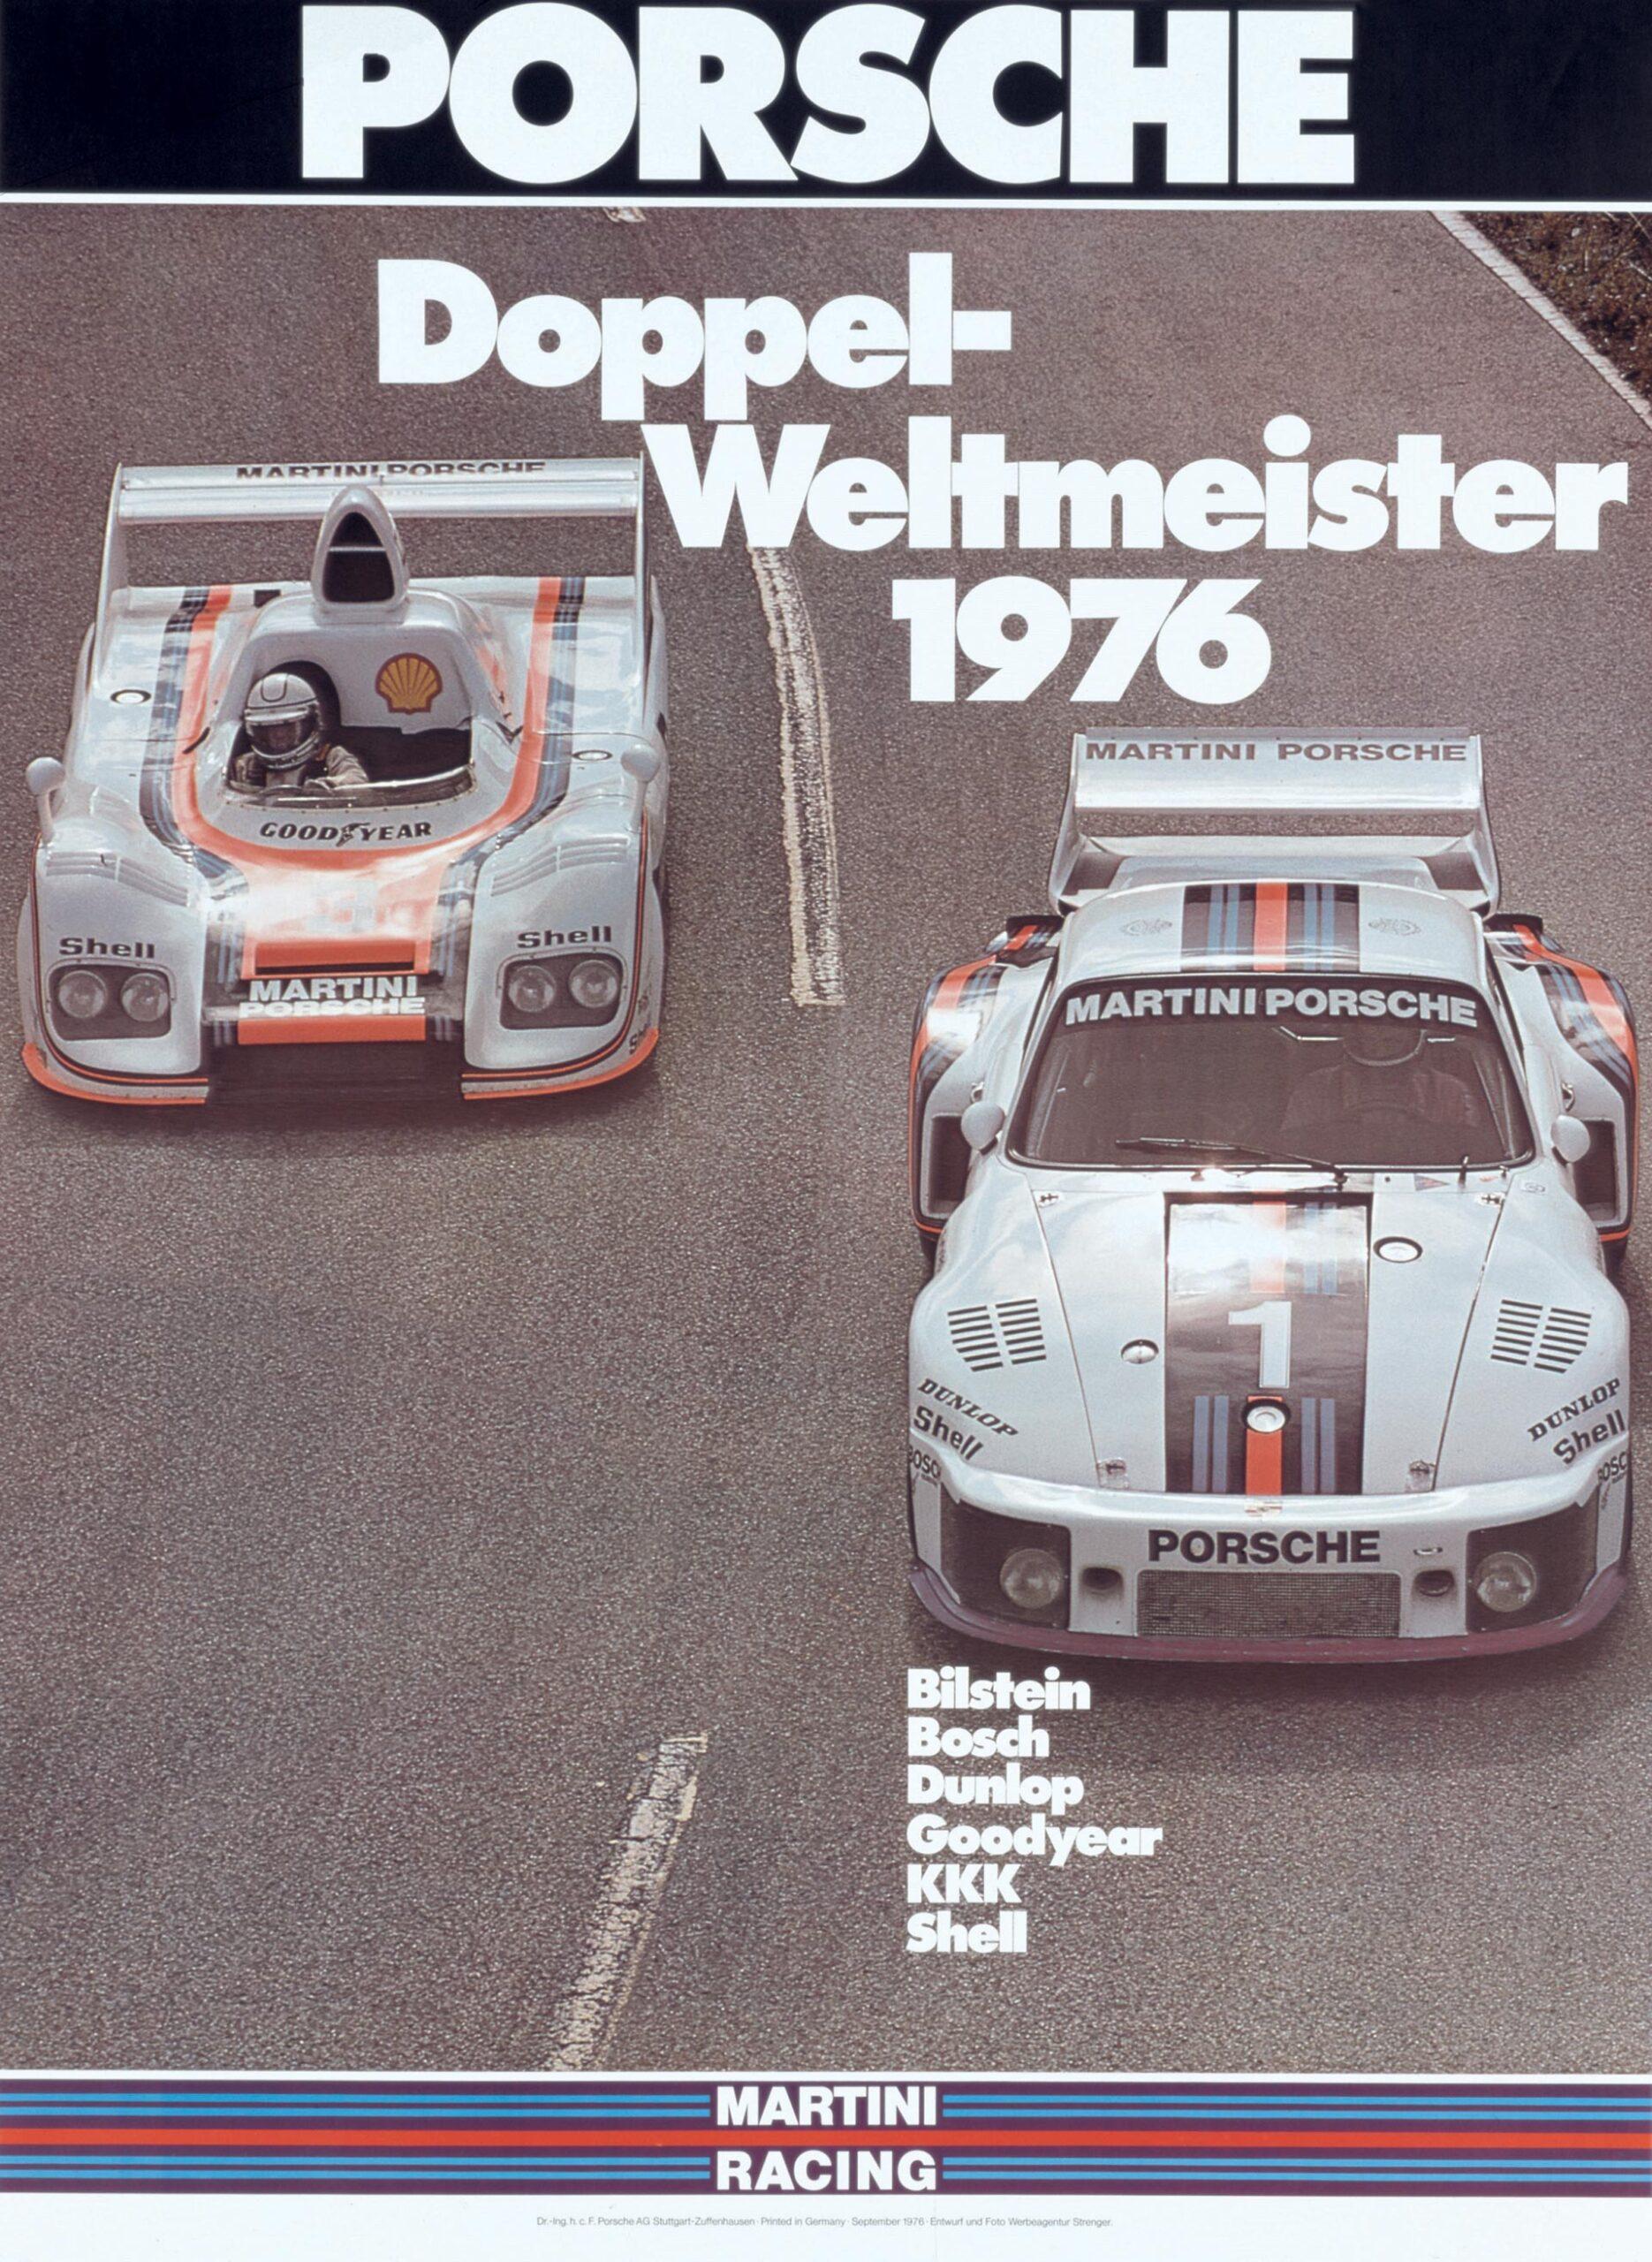 Plakat Porsche Doppel-Weltmeister 1976